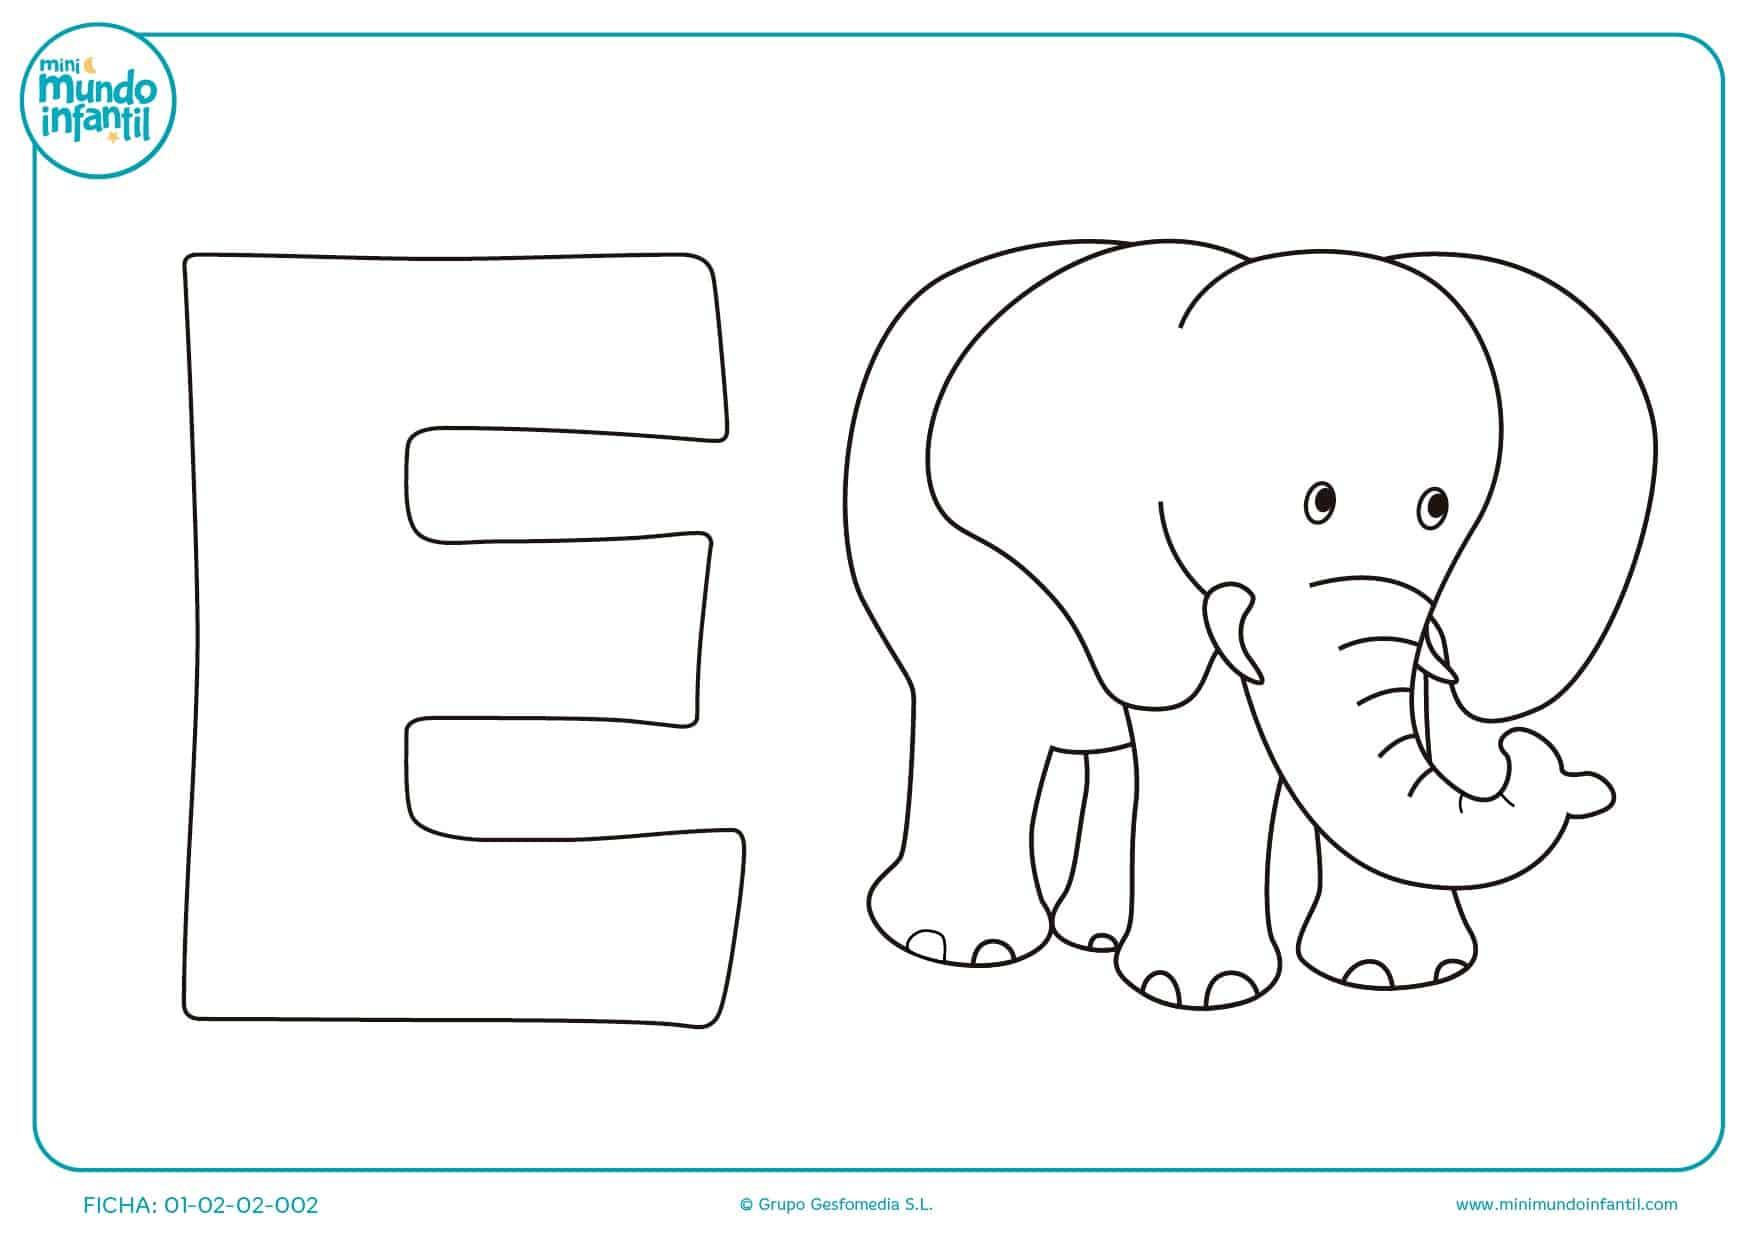 Completa con ceras de colores la imagen de la E y del elefante